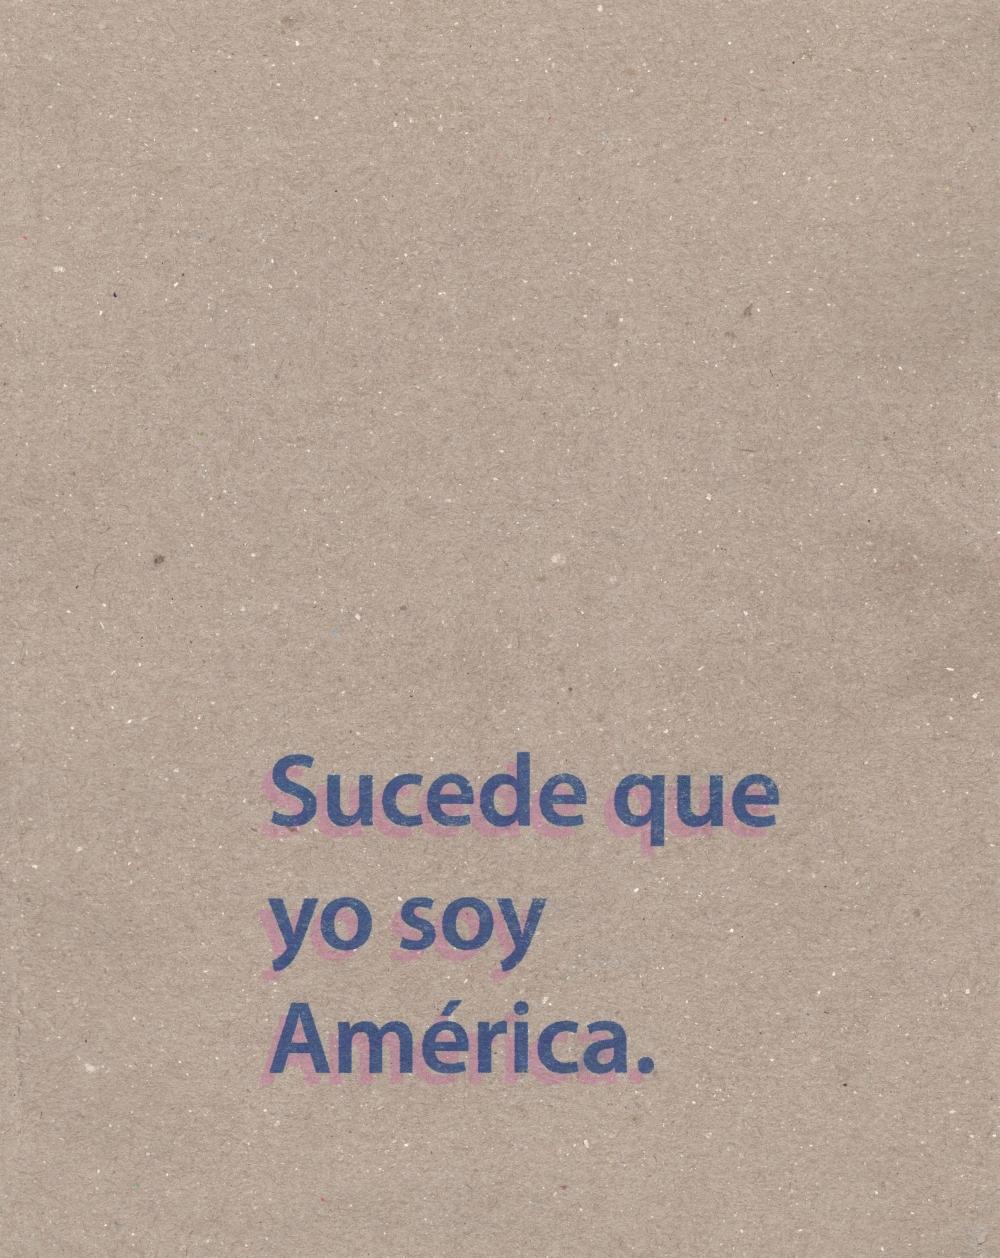 sucede-que-soy-america-1